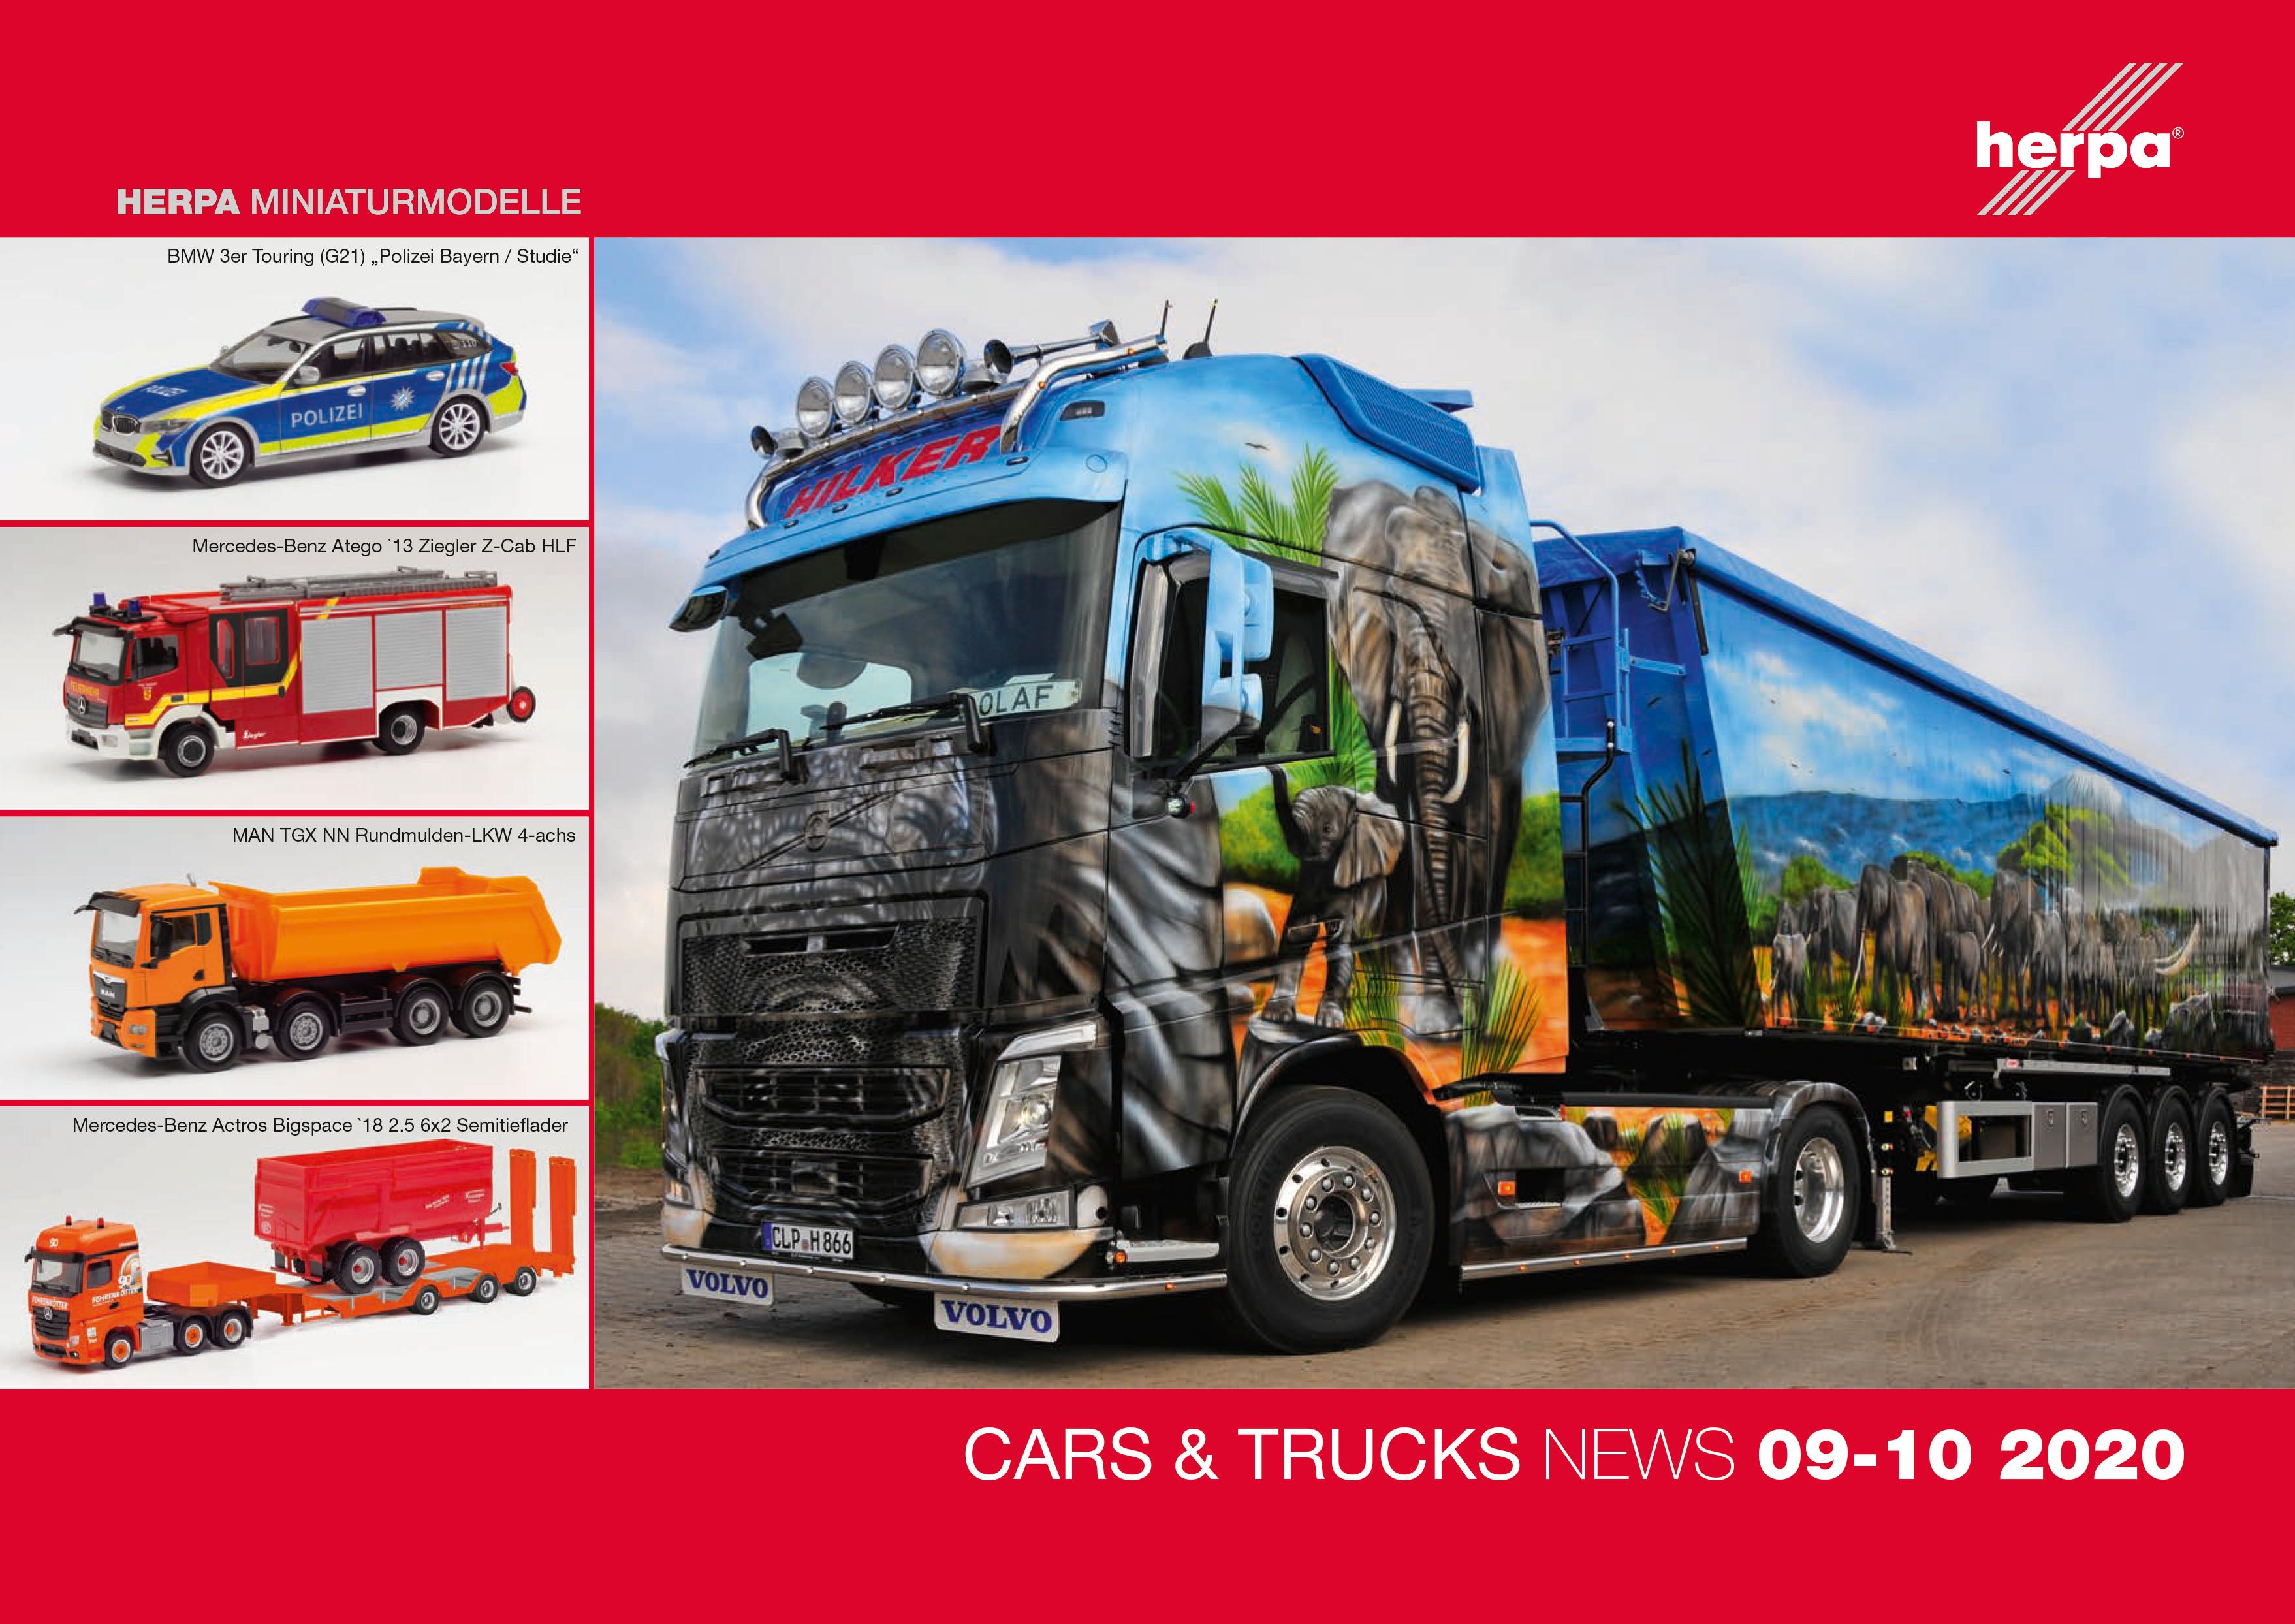 herpa_cars_und_trucks_2020_-_09-10-1